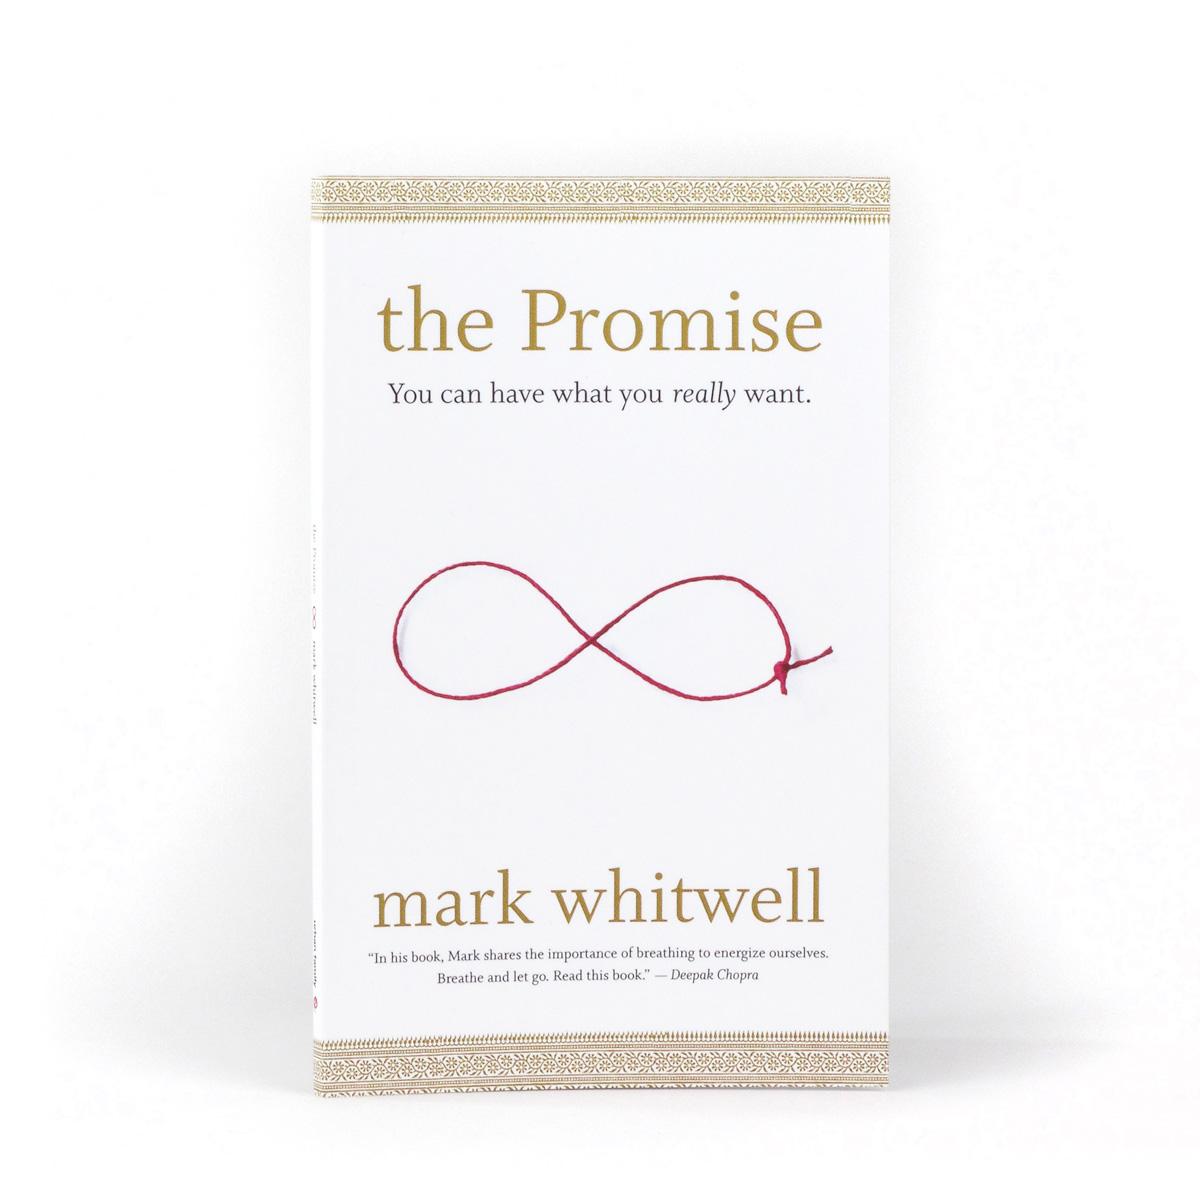 thepromise_markwhitwell_book_cover.jpg